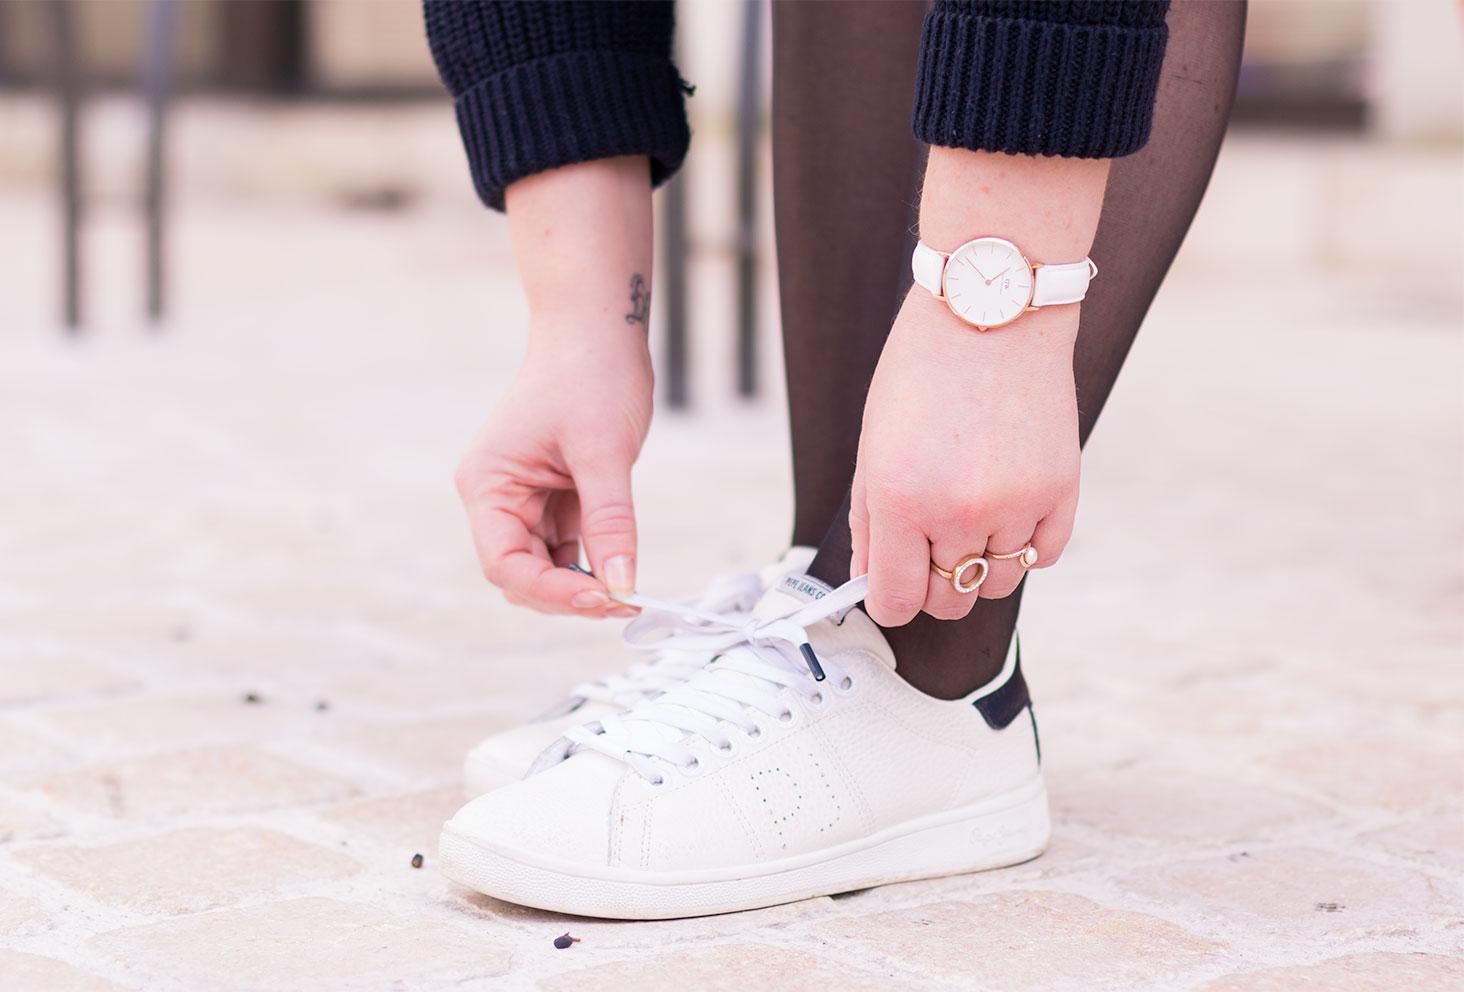 Zoom sur la montre Daniel Wellington et les chaussure Pepe Jean entrain d'attacher les lacets